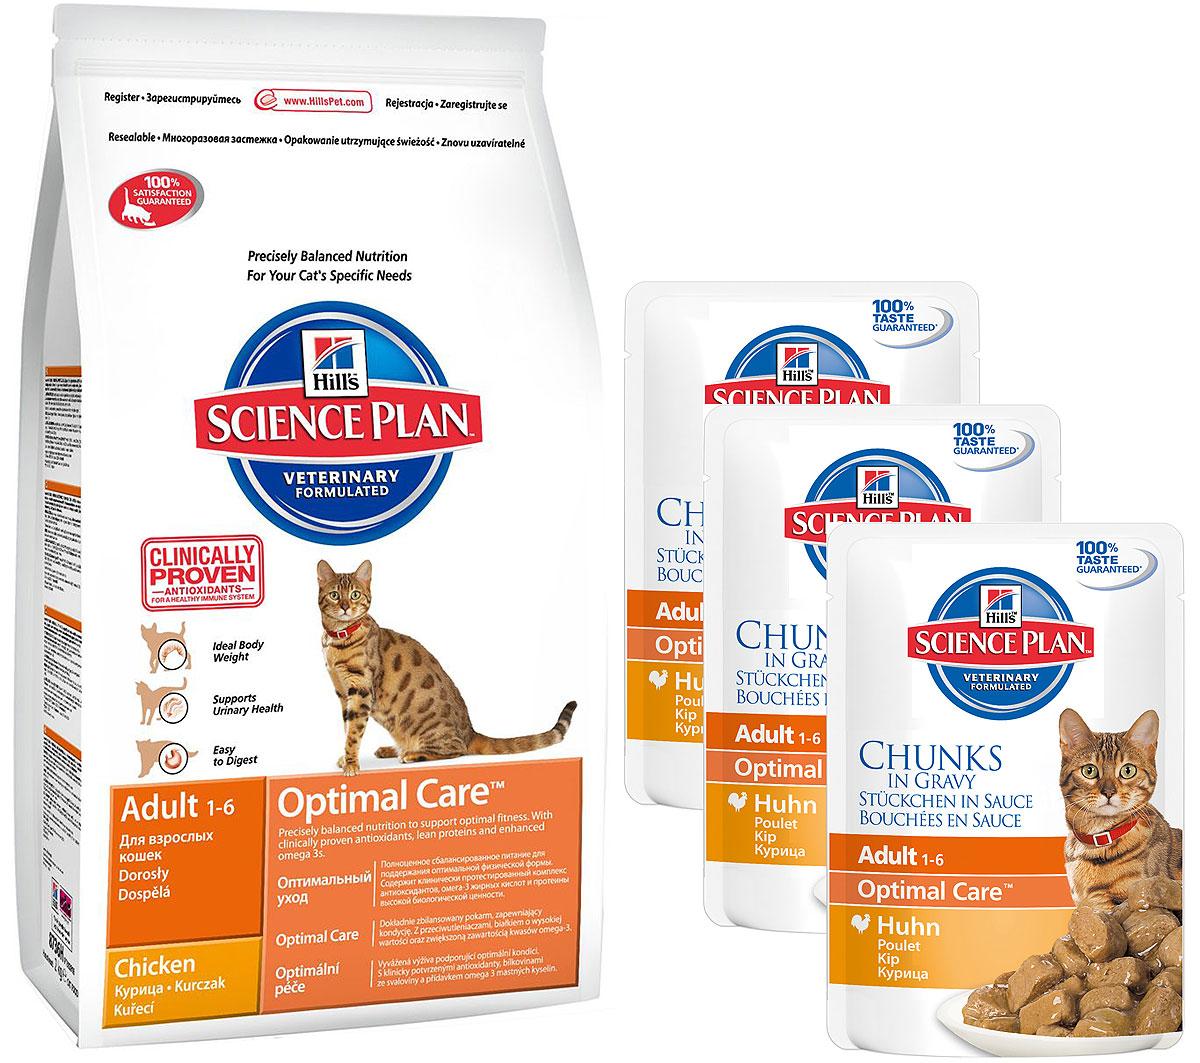 Корм сухой Hills Optimal Care, для взрослых кошек, курица, 5 кг + ПОДАРОК: Консервы для кошек Hills, курица, 85 г, 7 шт4294Hills Optimal Care - это полноценное, точно сбалансированное питание, приготовленное из ингредиентов высокого качества, без добавления красителей и консервантов. Каждый рацион Hills Optimal Care содержит эксклюзивный комплекс антиоксидантов с клинически подтвержденным эффектом для поддержки иммунной системы вашего питомца.Если вы решили перевести вашу кошку на рацион Hills Optimal Care, это необходимо сделать постепенно в течение 7 дней. Смешивайте прежний корм с новым, постоянно увеличивая долю последнего до полного перехода на Hills Optimal Care. Тогда ваш питомец сможет в полной мере насладиться вкусом и преимуществами превосходного питания, которое обеспечивает рацион Hills Optimal Care.Корм рекомендуется:- Кошкам в возрасте от 1 до 6 лет.Не рекомендуется:- Котятам.- Беременным и кормящим кошкам.Ключевые преимущества:- Высокая энергетическая ценность удовлетворяет потребность животного в энергии без необходимости скармливать большие порции.- Контролируемое содержание протеинов и натрия - точный баланс нутриентов для крепкого здоровья (не допускает избытка нутриентов, который может навредить здоровью).- Контролируемое содержание магния и фосфора поддерживает здоровье мочевыводящих путей.- Комплекс антиоксидантов нейтрализует действие свободных радикалов и поддерживает иммунитет.- Превосходные вкусовые характеристики не оставят вашего питомца равнодушным.В подарок к корму Hills Optimal Care идут 16 паучей с консервами Hills.Состав: курица: мука из курицы (36%) и индейки (общее содержание муки из мяса домашней птицы 56%), пшеница, кукуруза, мука из кукурузного глютена, размолотый рис, гидролизат белка, минералы, высушенная мякоть сахарной свеклы, рыбий жир, DL-метионин, таурин, витамины, L-лизина гидрохлорид, микроэлементы и бета-каротин. Натуральные консерванты из смеси токоферолов и лимонной кислоты.Гарантированный анализ: протеин 33,0 %, жир